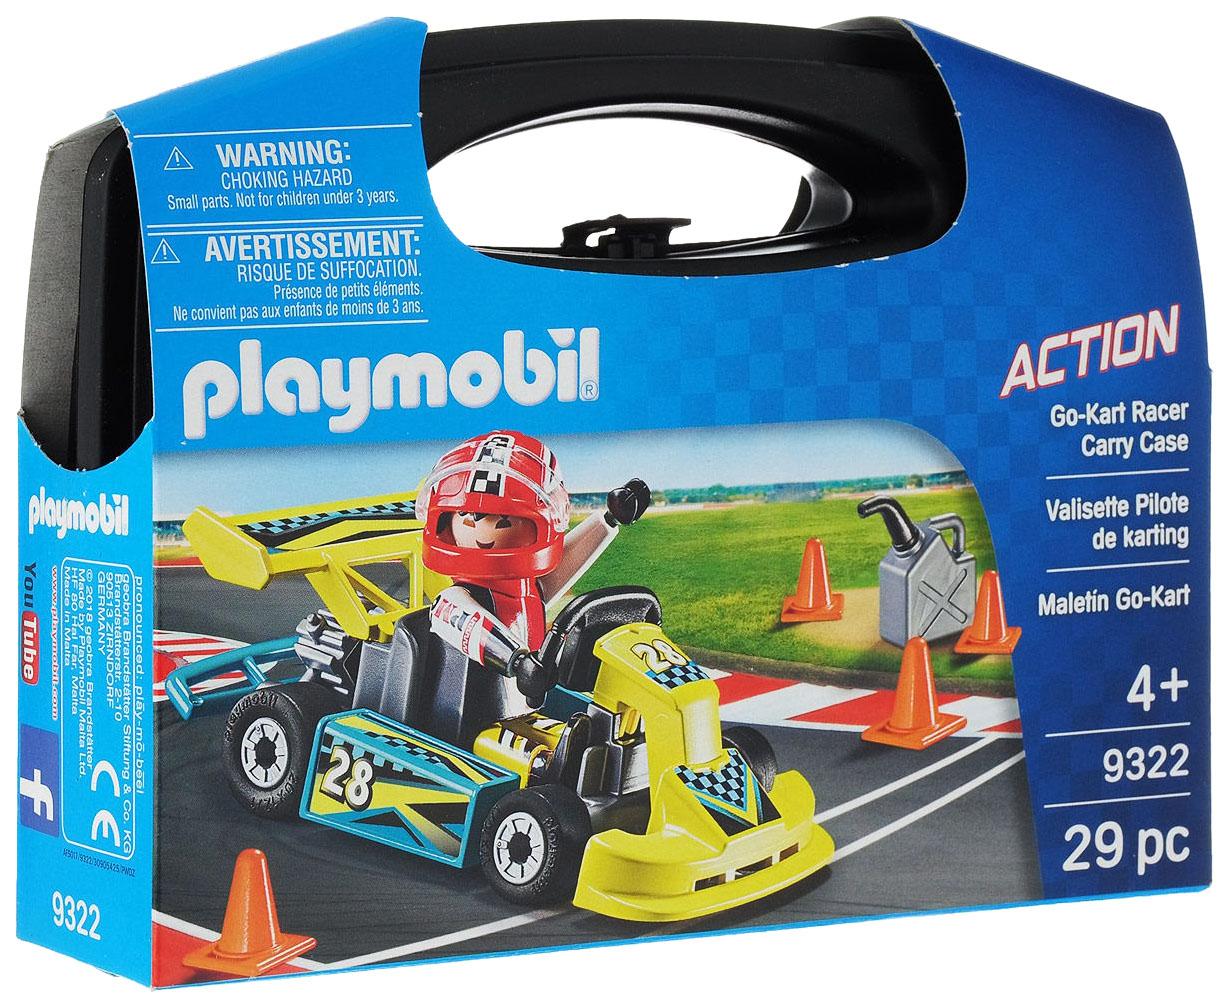 Конструктор пластиковый Playmobil Возьми с собой: Картинг, Конструкторы пластмассовые  - купить со скидкой